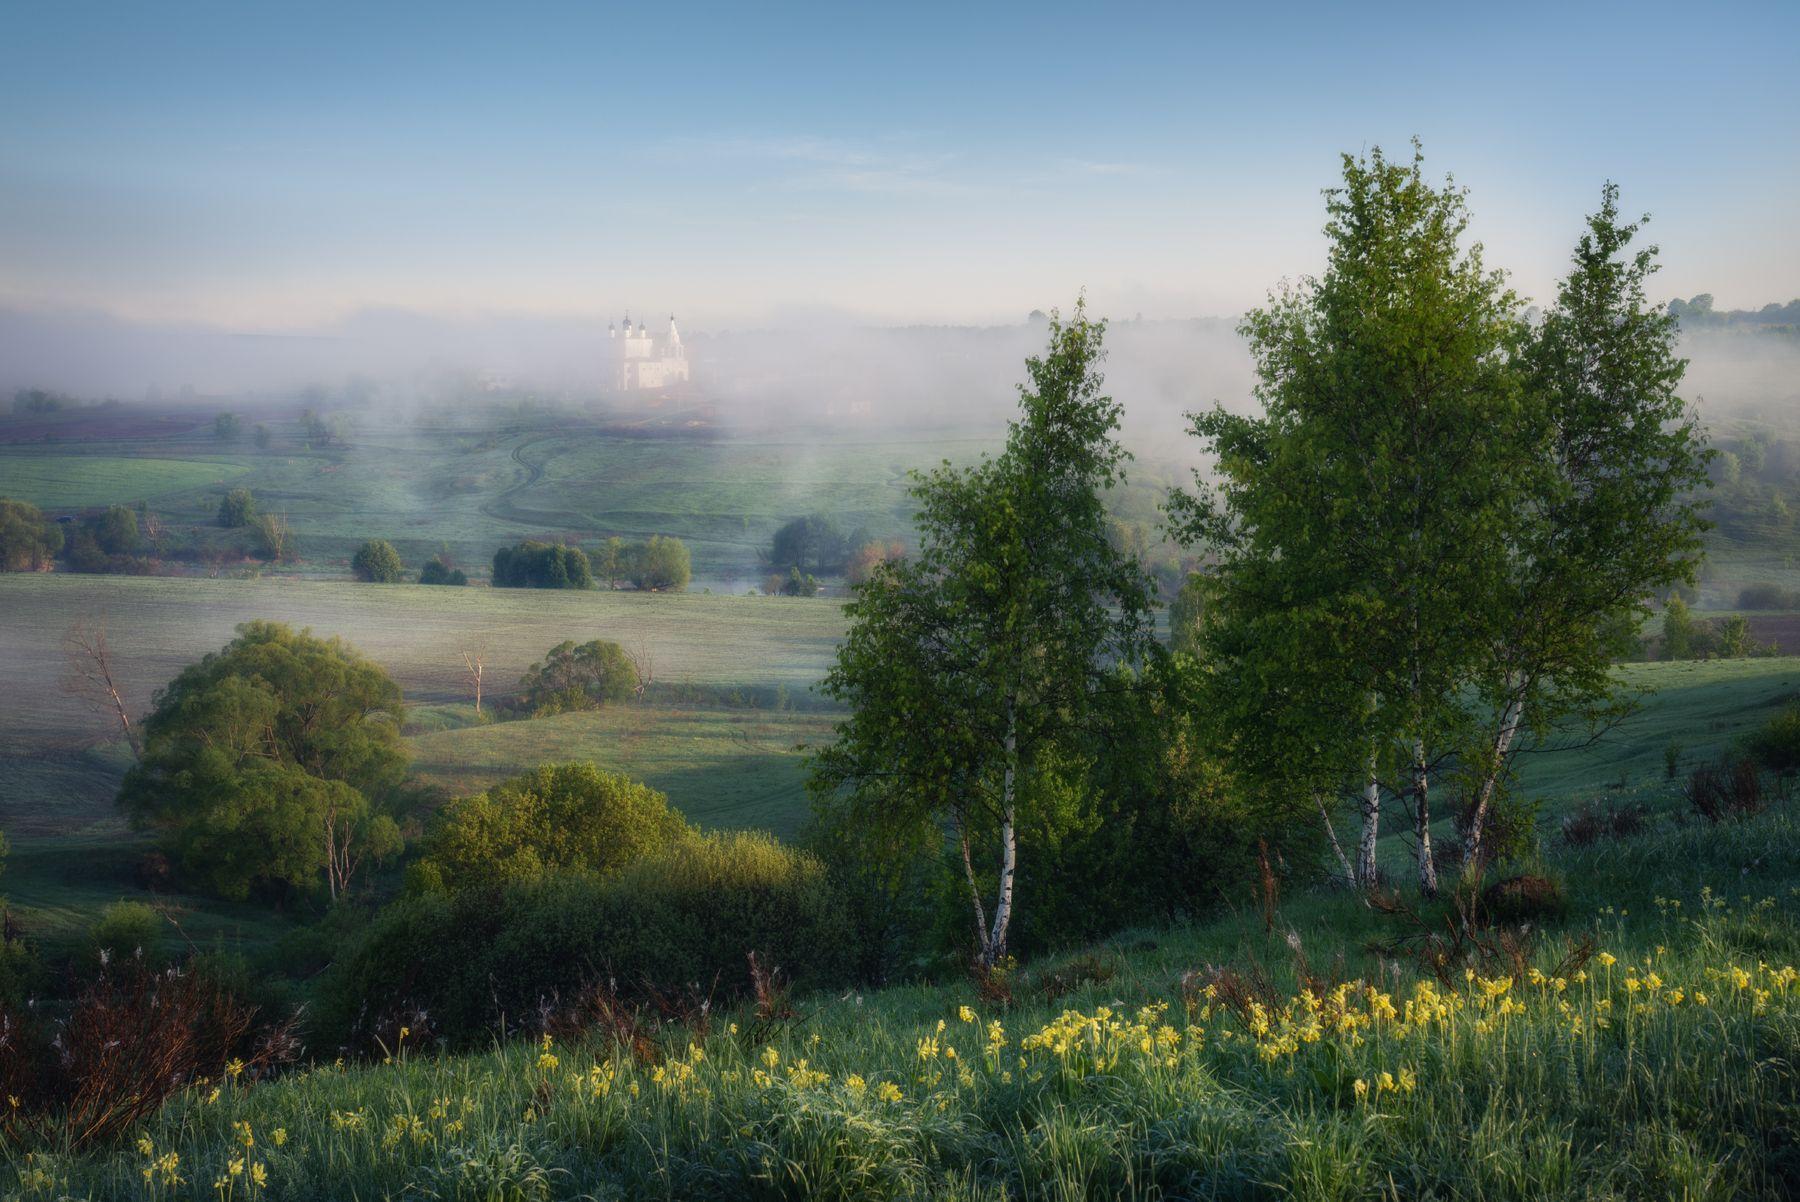 Примула цветет.. тульская область анастасов монастырь тульские пейзажи одоевский район одоев анастасово весенний пейзаж весна май примула первоцвет русский березки луг долина реки река упа утренний туман